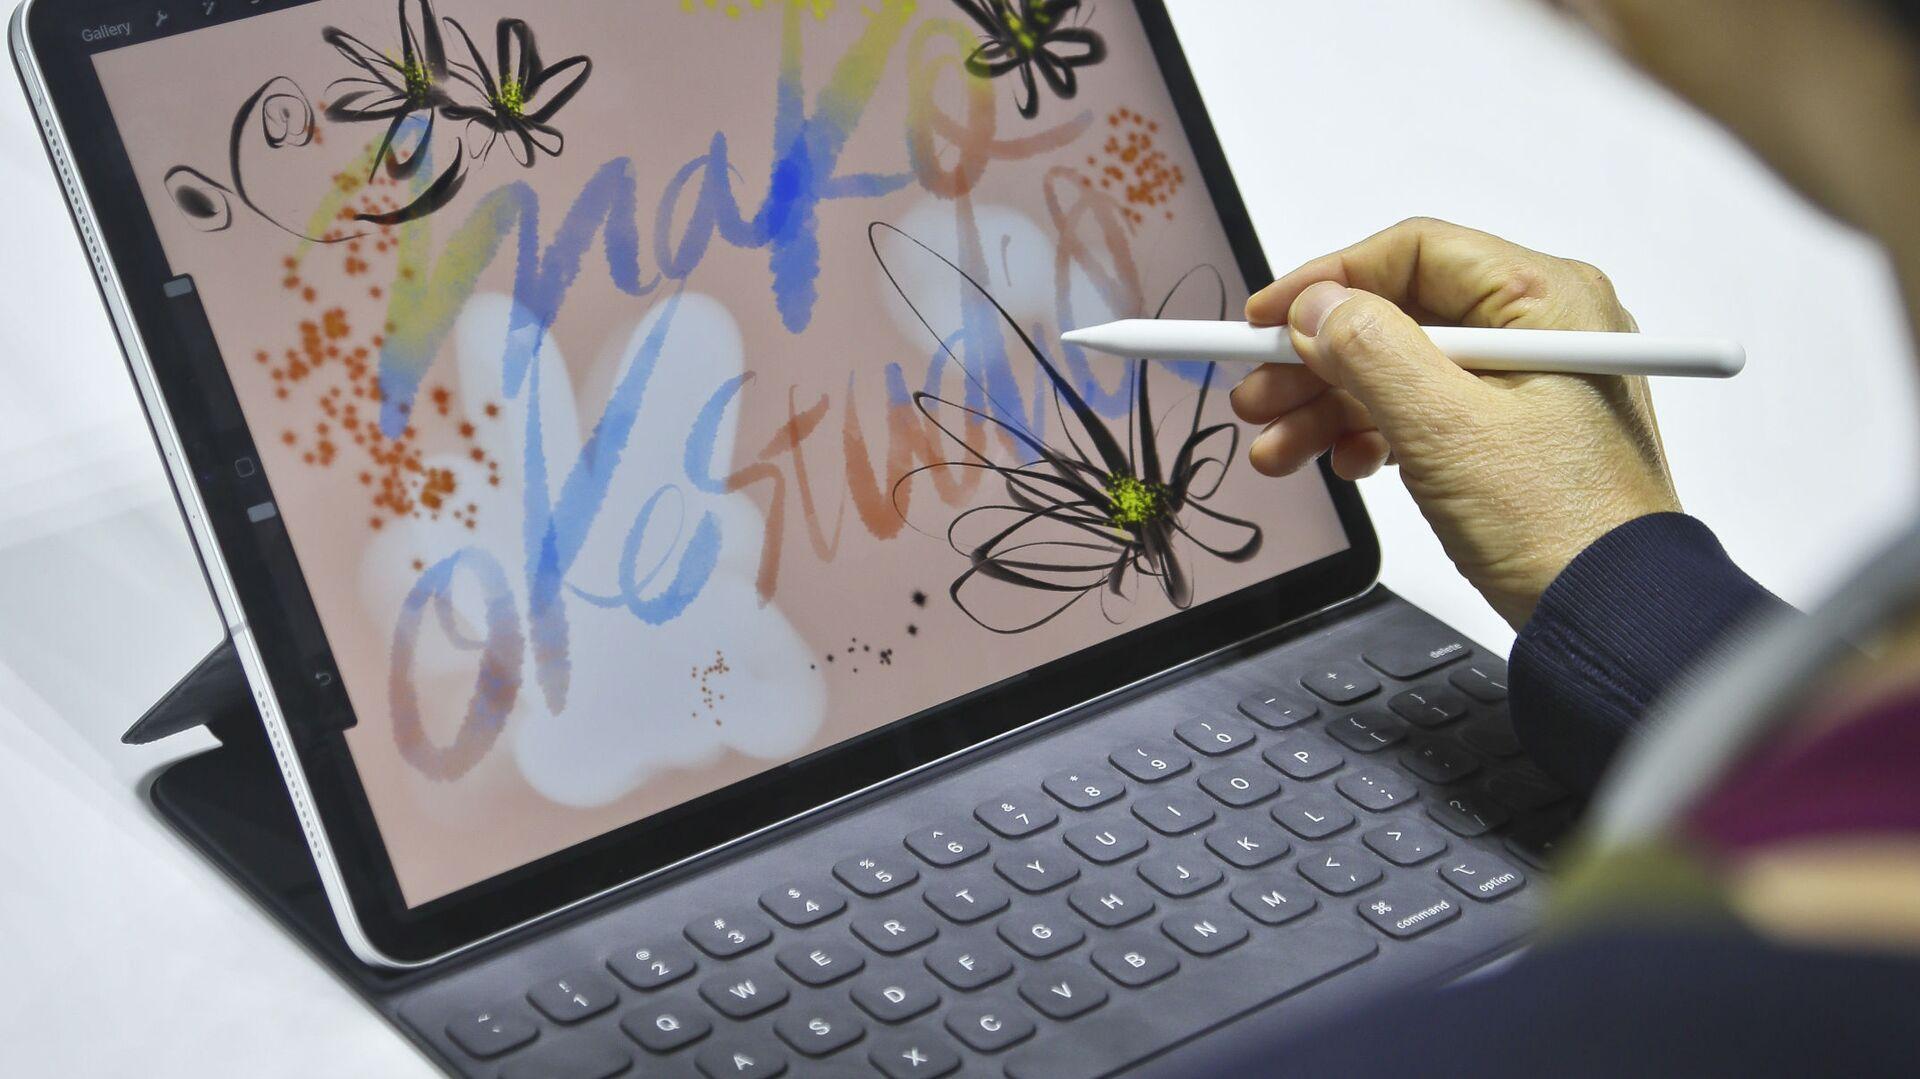 Japońska artystka Mako Oke testuje nowy iPad Pro w Nowym Jorku  - Sputnik Polska, 1920, 27.09.2021